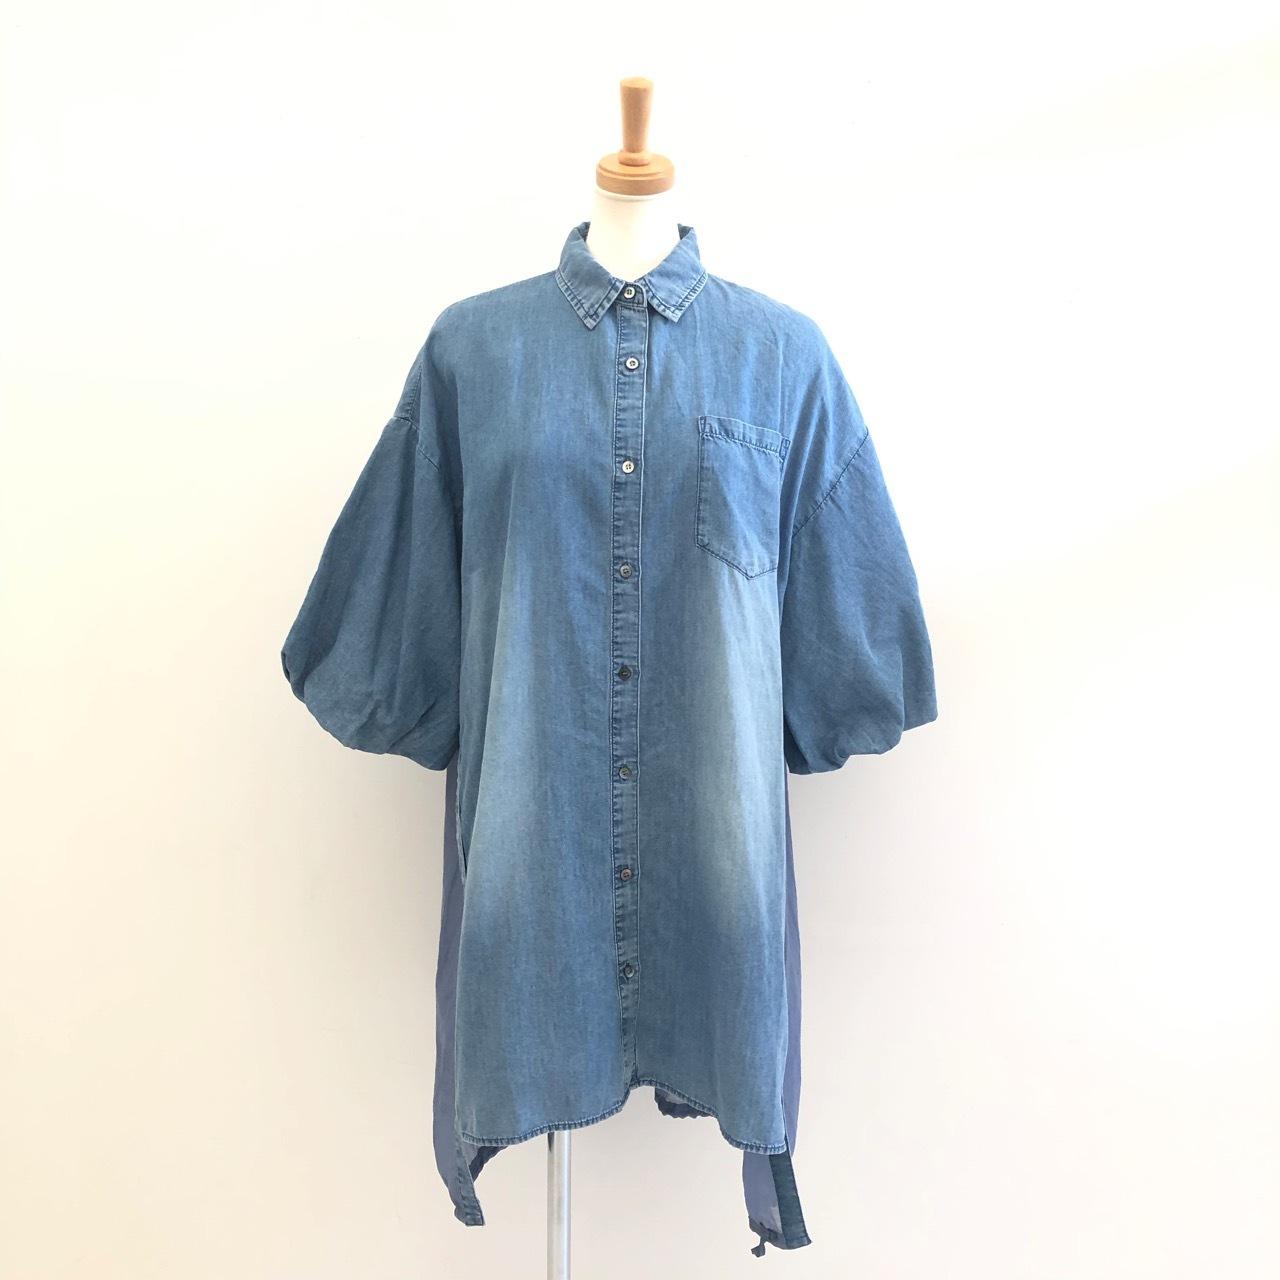 【 CYNICAL 】- 012-95014 - テンセルデニムシアーシャツ